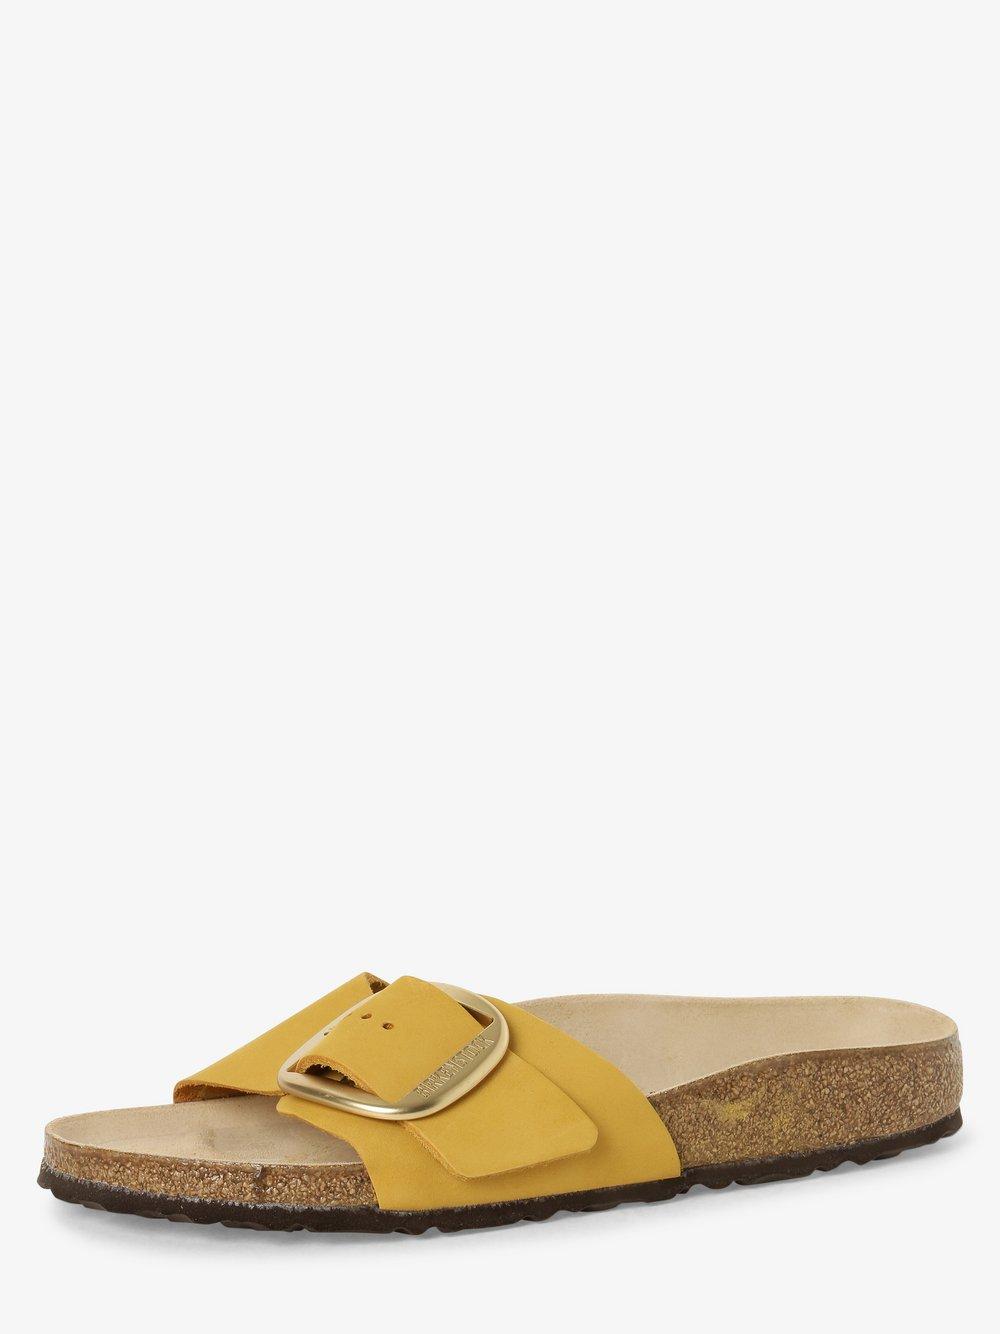 Birkenstock - Sandały damskie ze skóry – Madrid Big Buckle, żółty